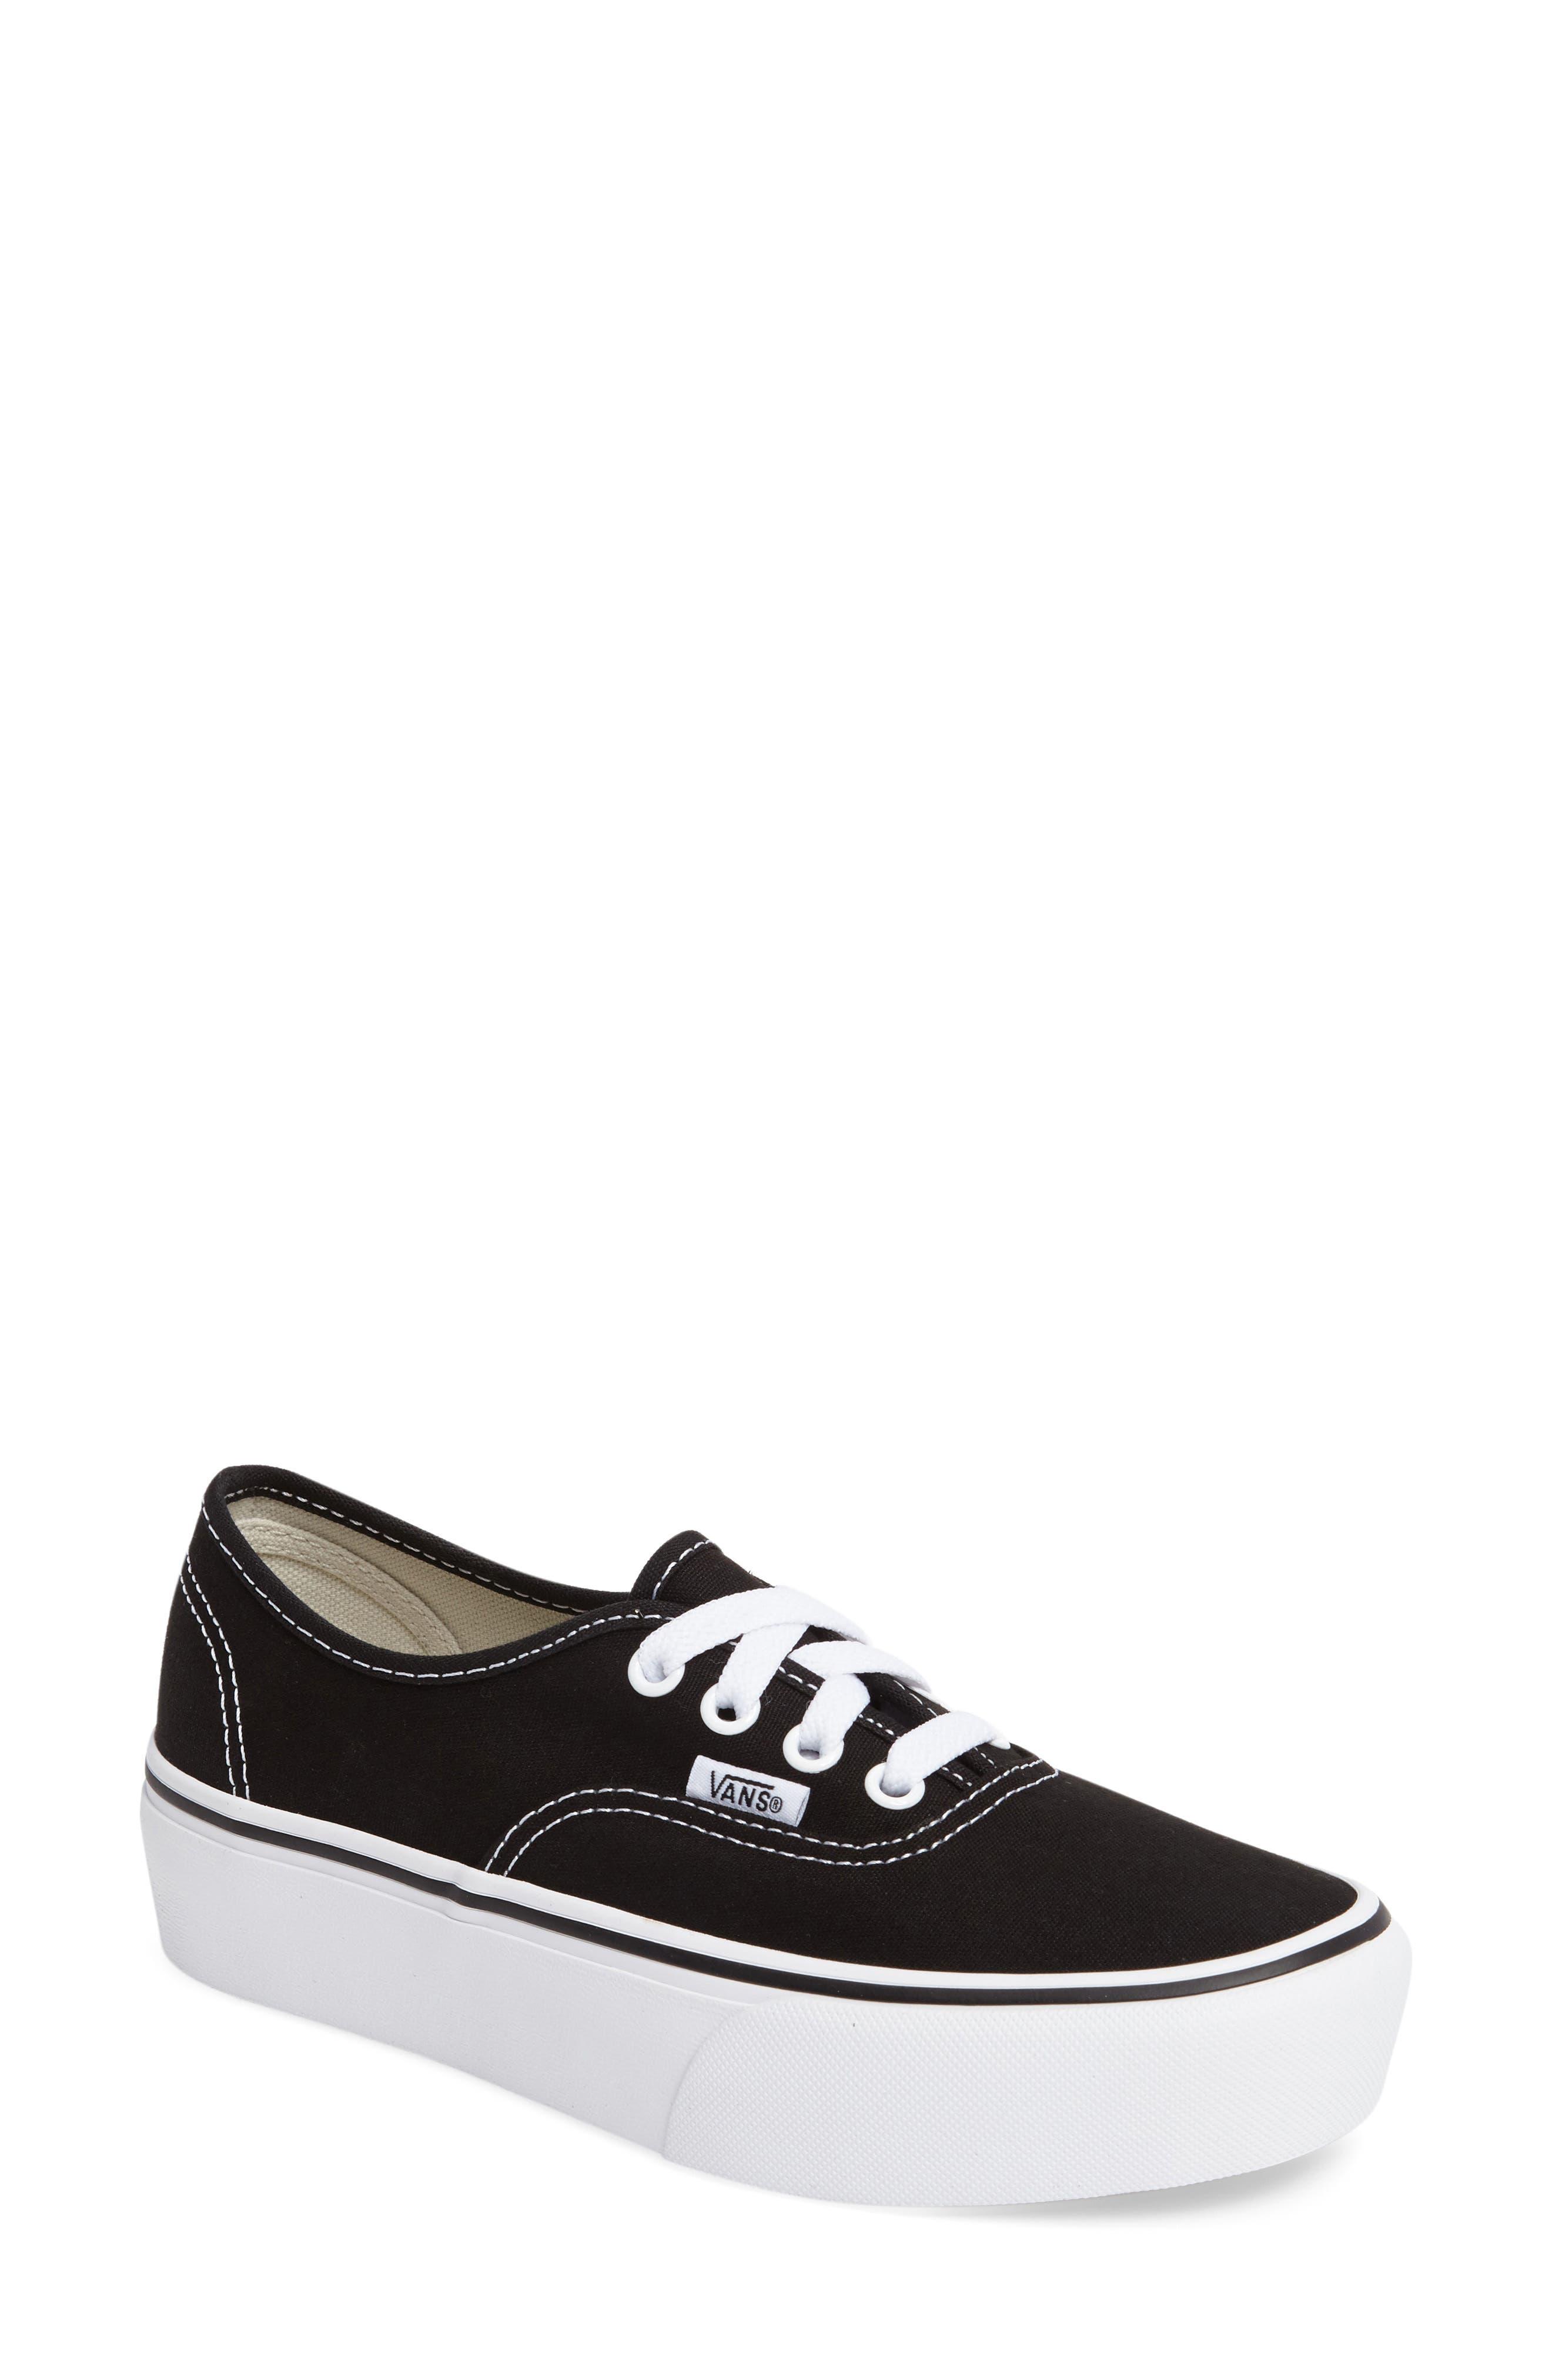 VANS, 'Authentic' Platform Sneaker, Main thumbnail 1, color, BLACK/ WHITE